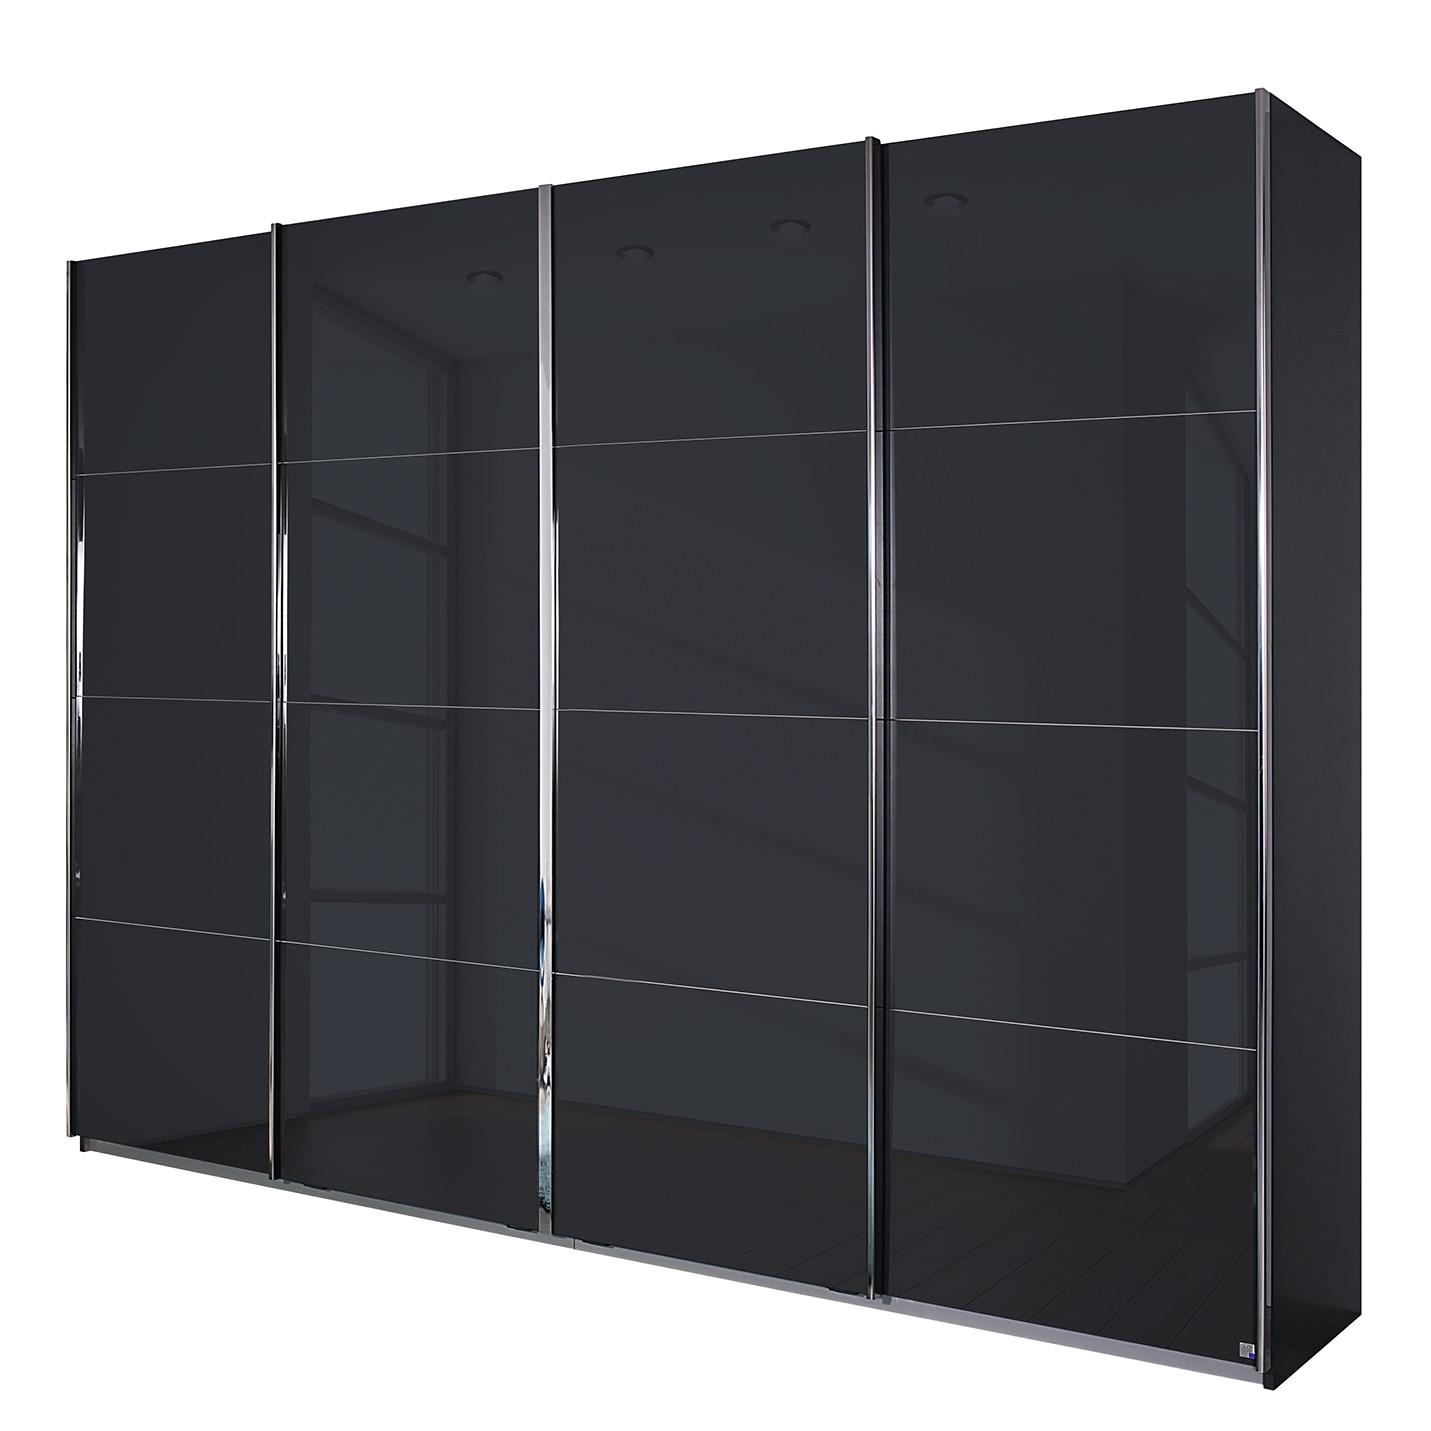 aa6 Zweefdeurkast Syncrono C I metallic grijs basaltkleurig glas 271 cm 4 deurs 230cm Rauch Packs